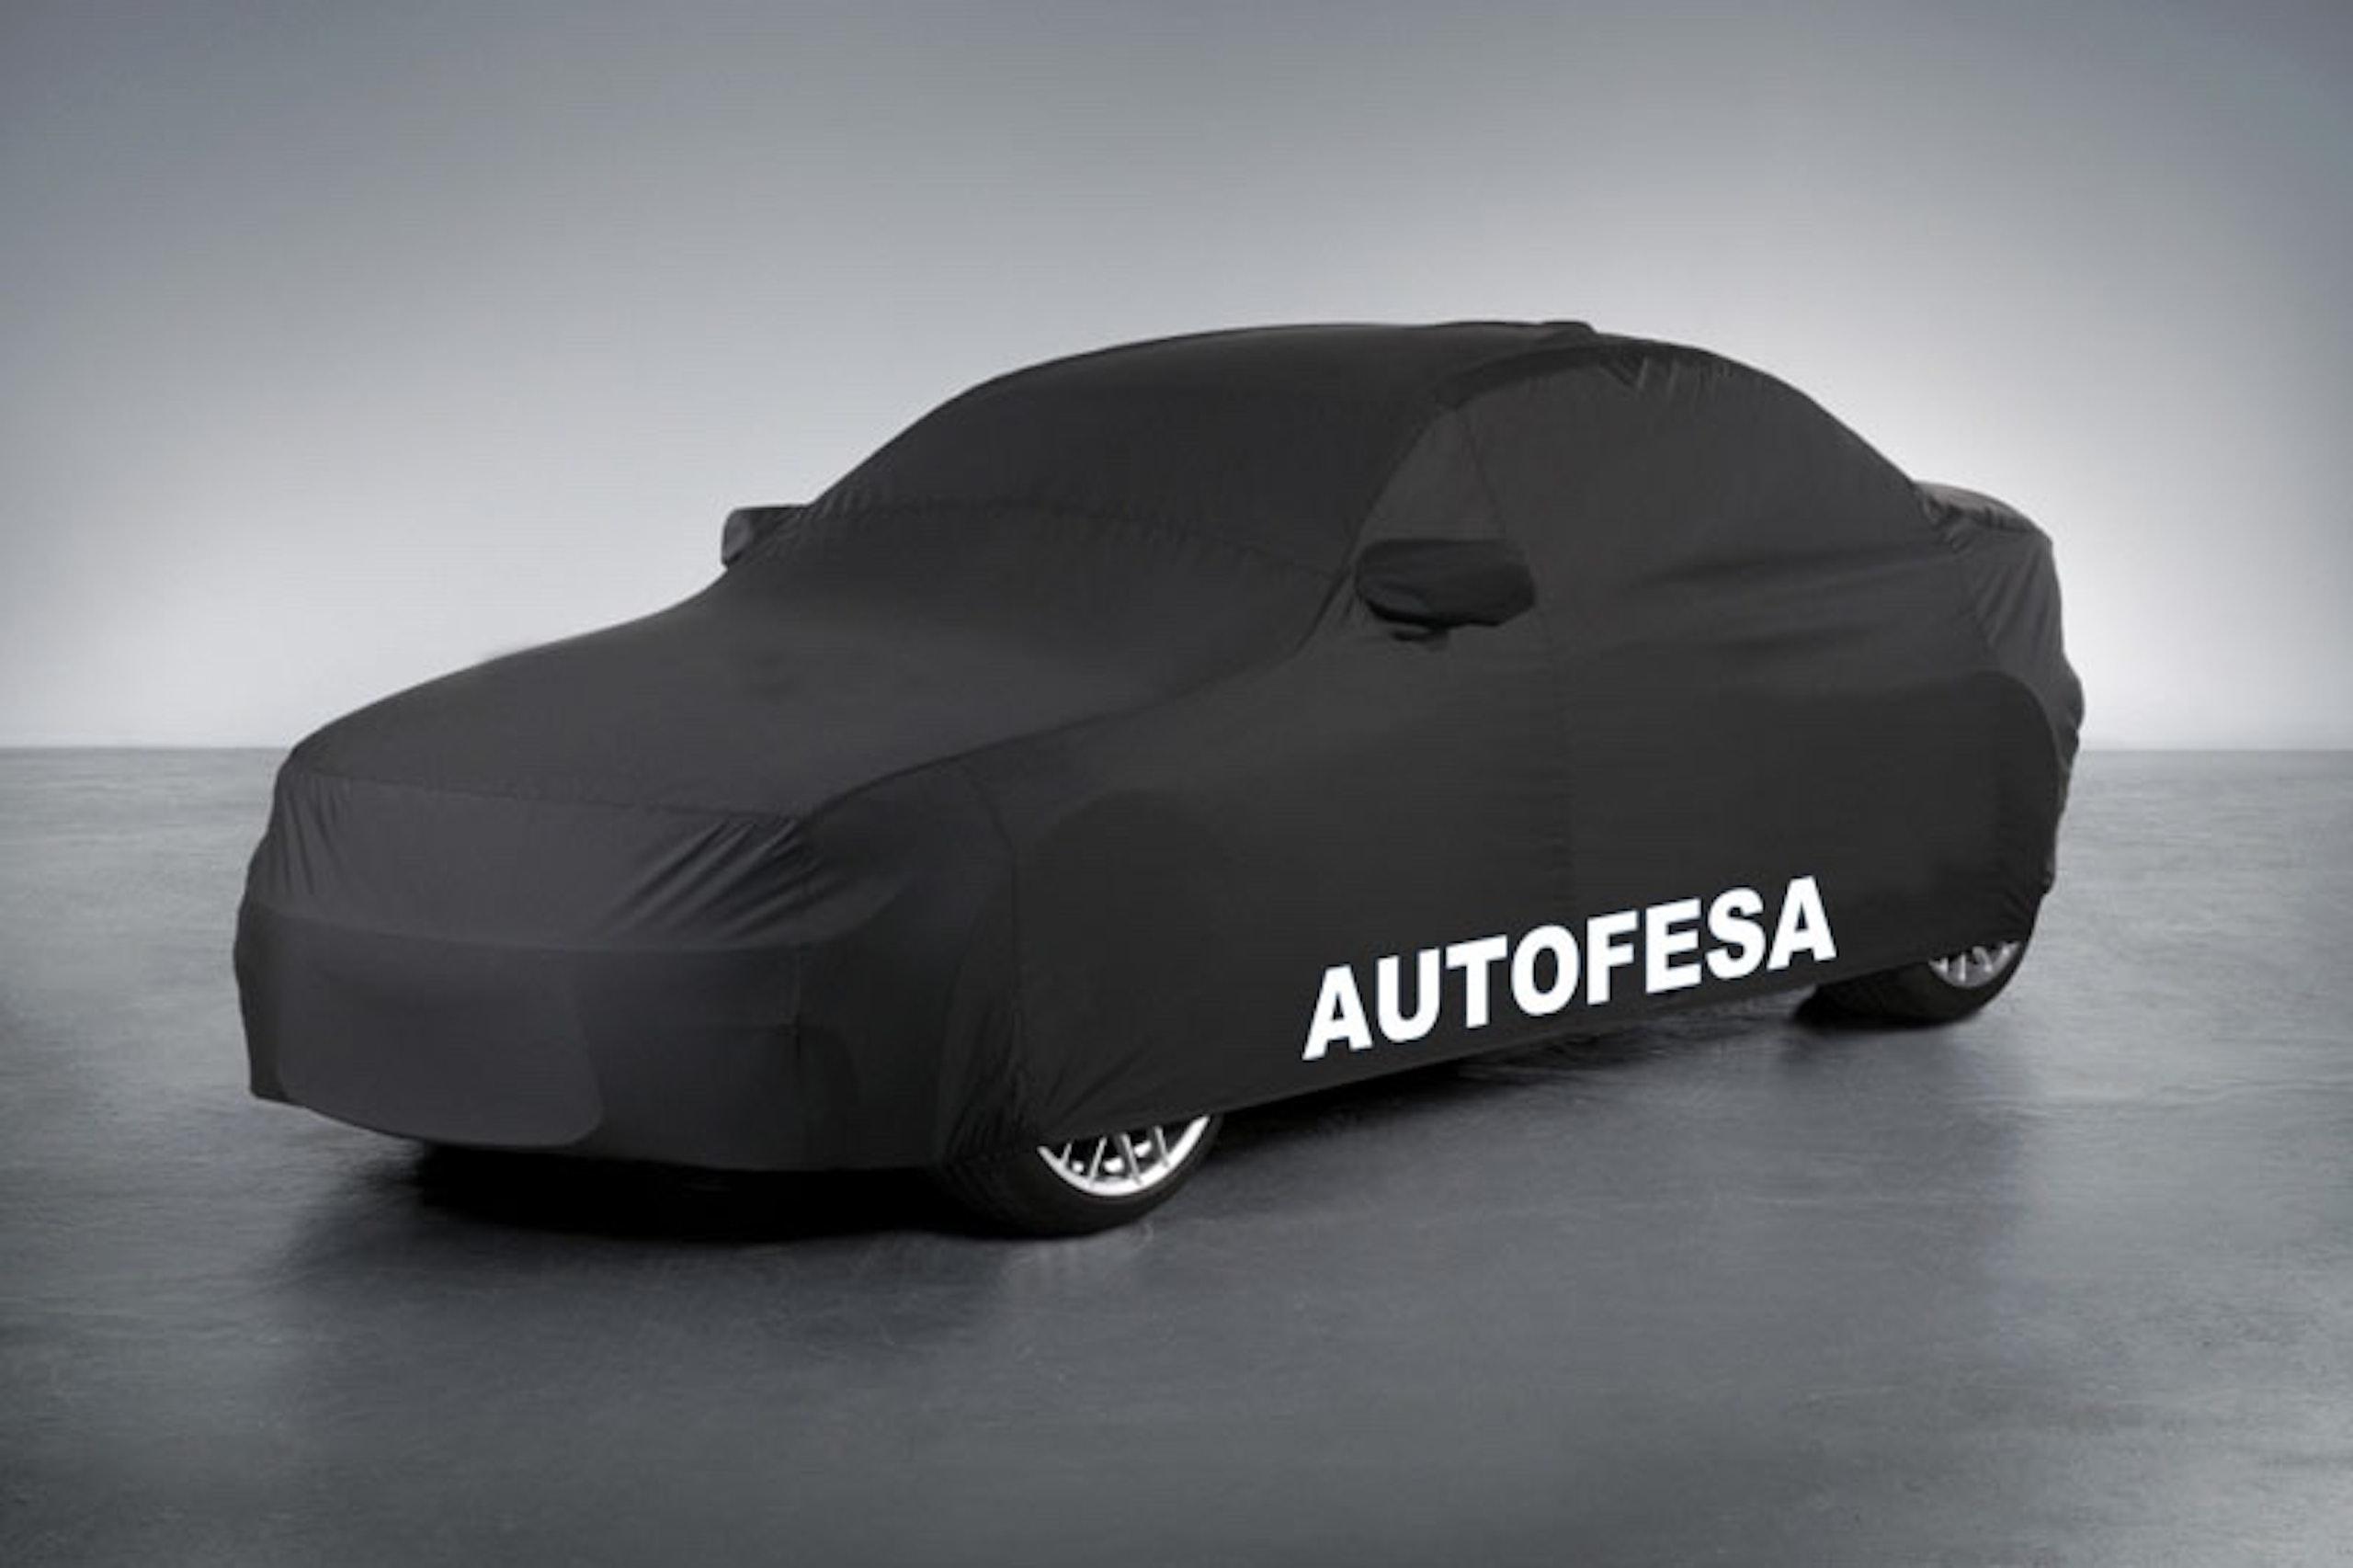 Fotos del Audi A4 1.8 TFSI 170cv 4p Multitronic Exterior 1